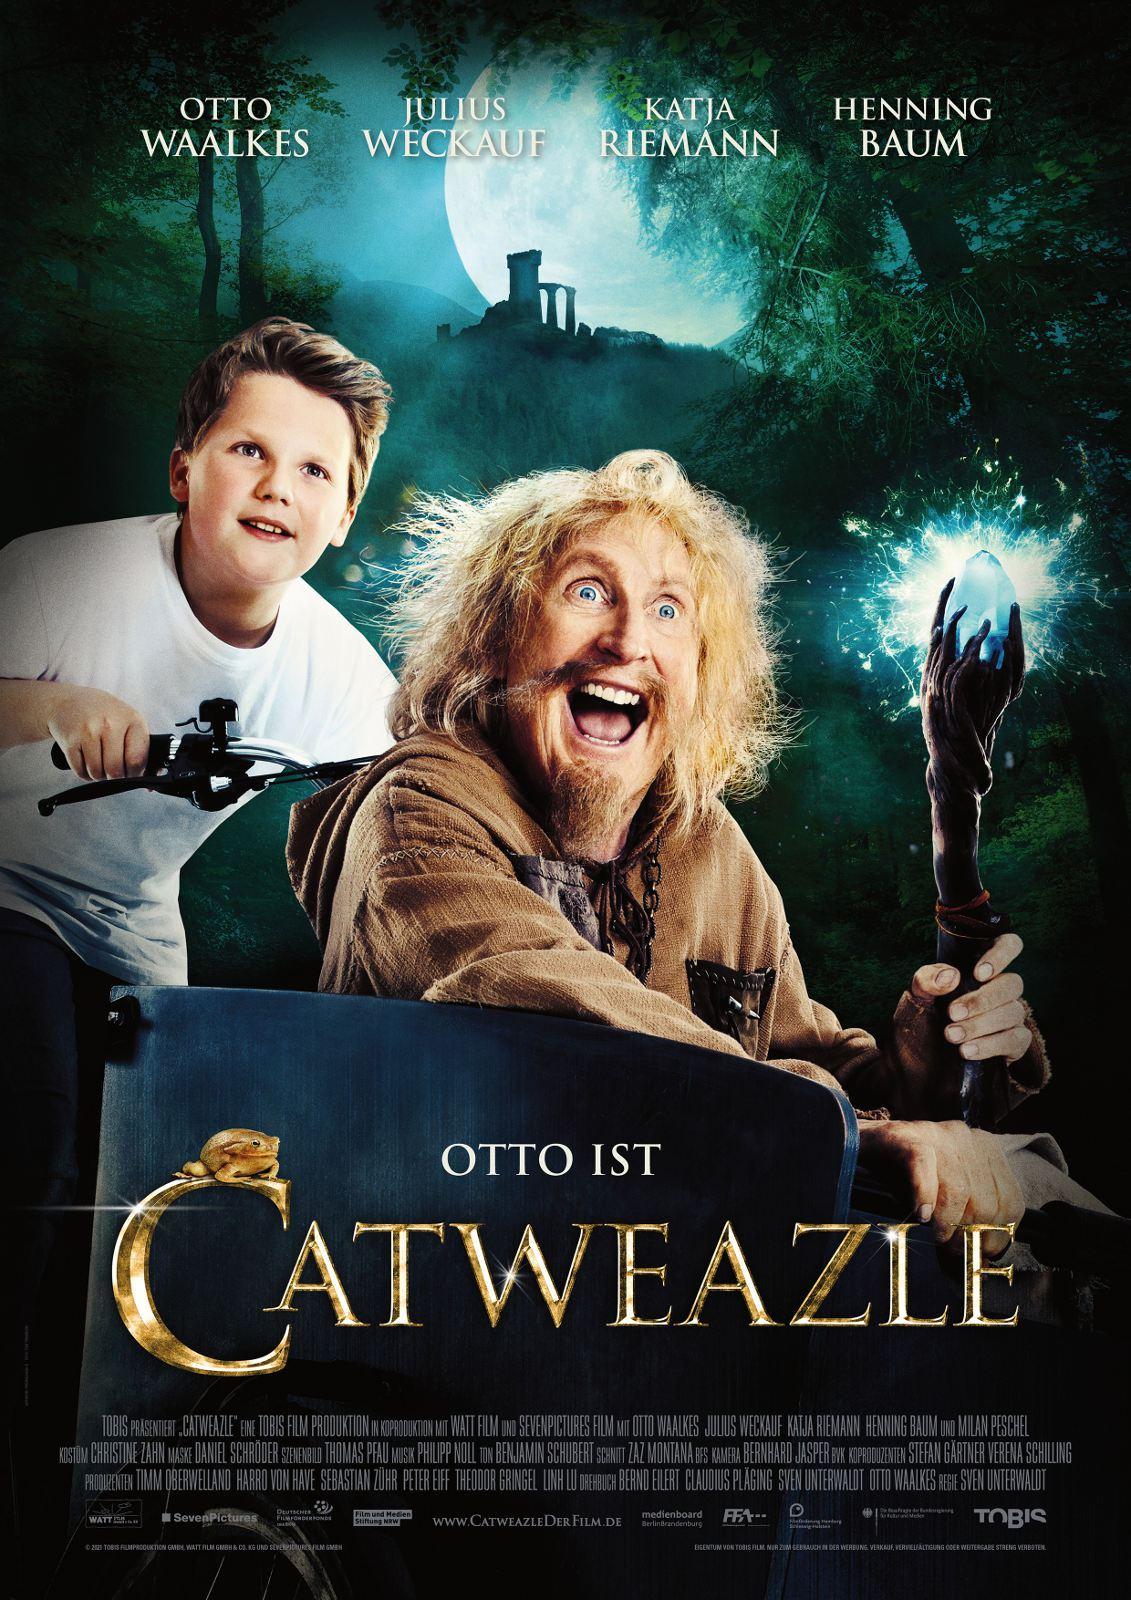 catweazle-otto-waalkes-kibofilm